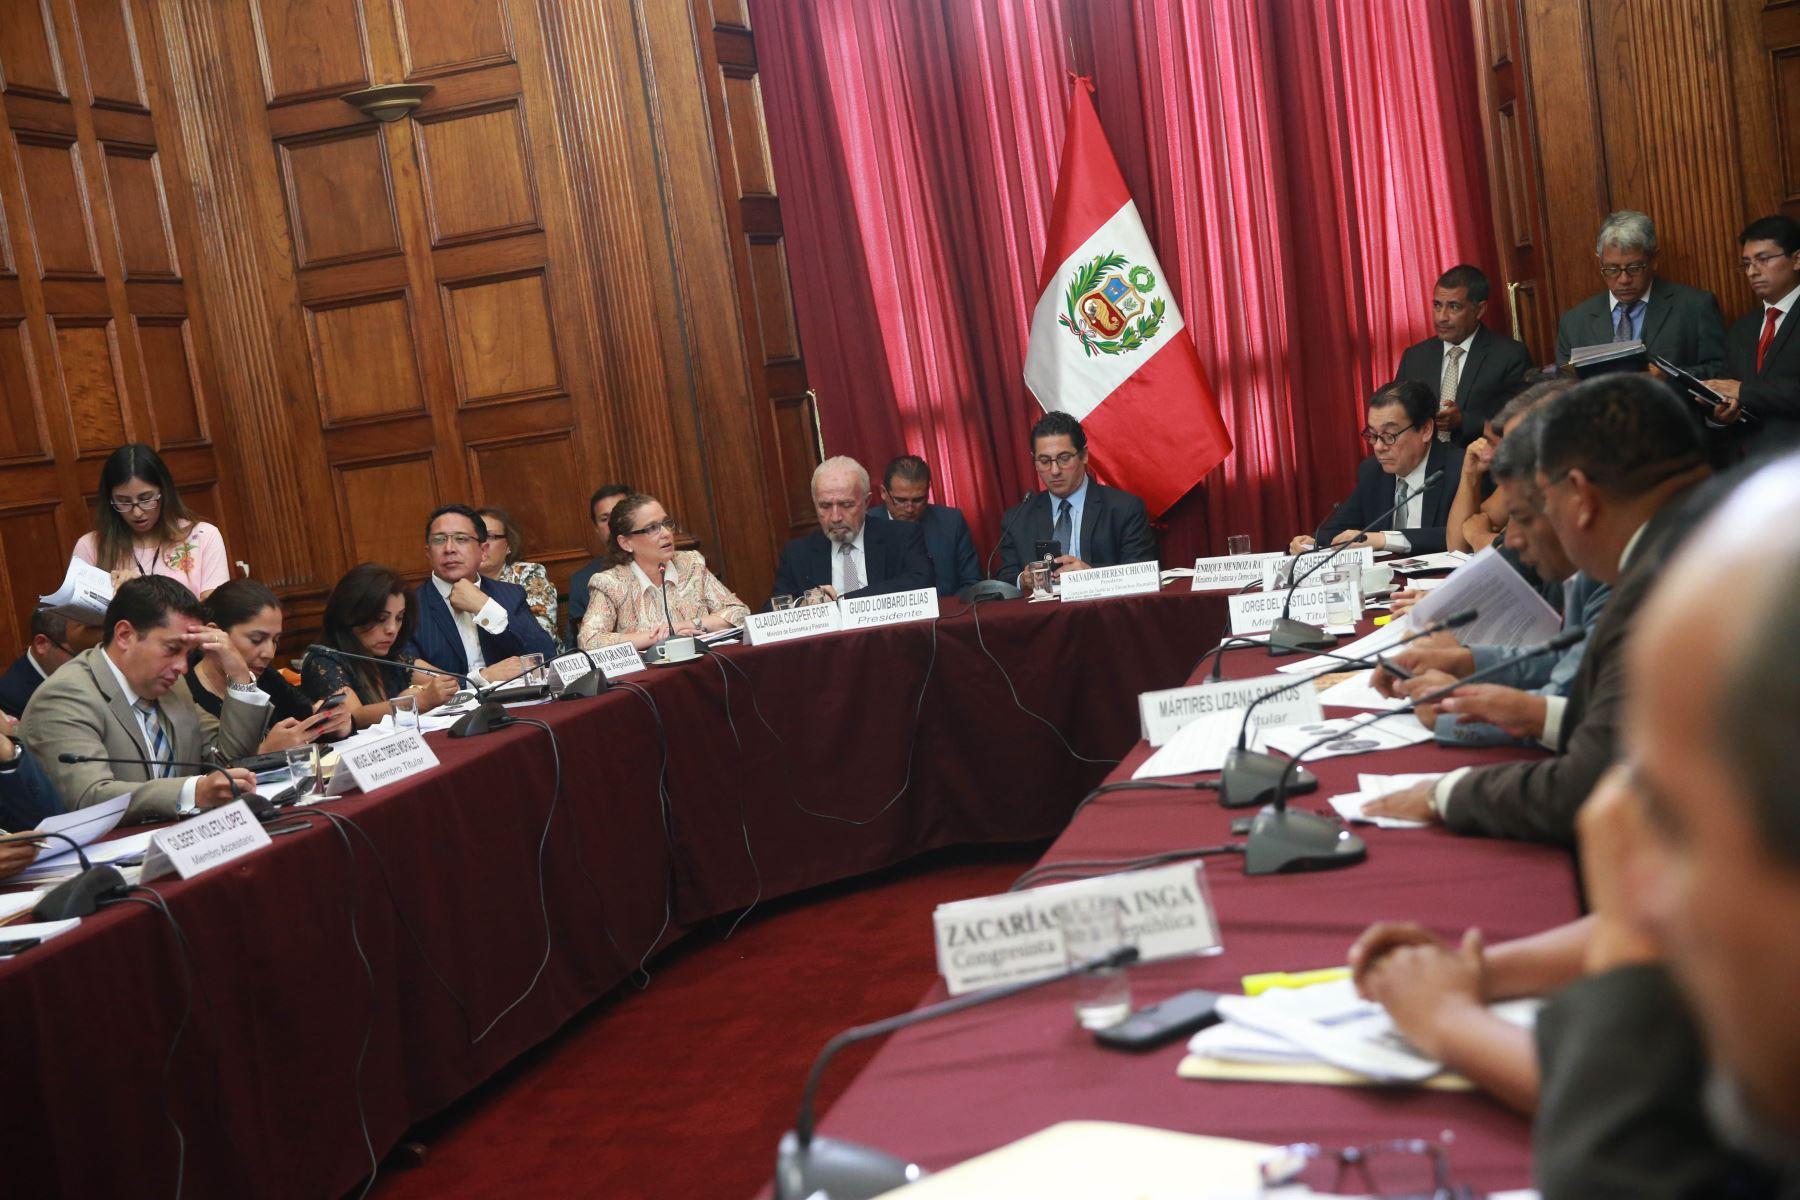 Ministros de Economía y Finanzas, Claudia Cooper; y de Justicia y Derechos Humanos, Enrique Mendoza en el Congreso.  ANDINA/Norman Córdova